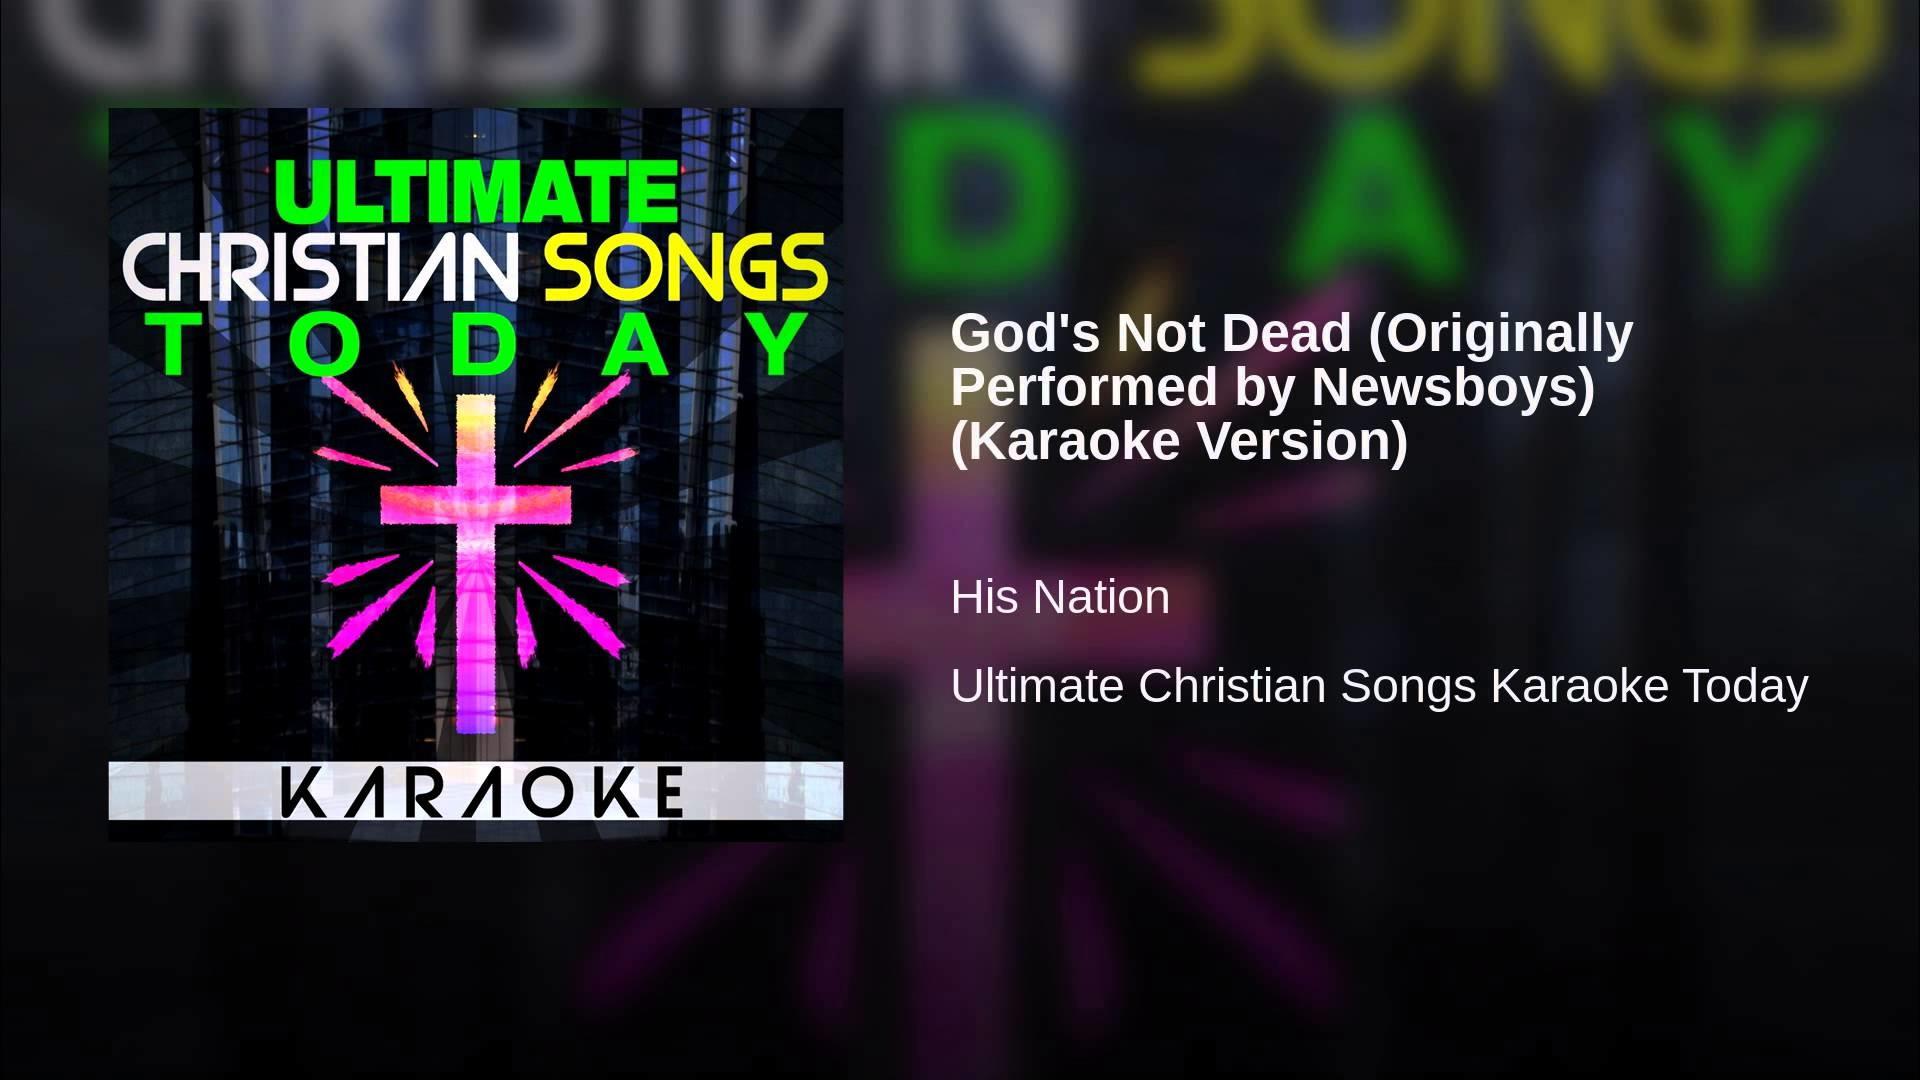 God's Not Dead (Originally Performed by Newsboys) (Karaoke Version)